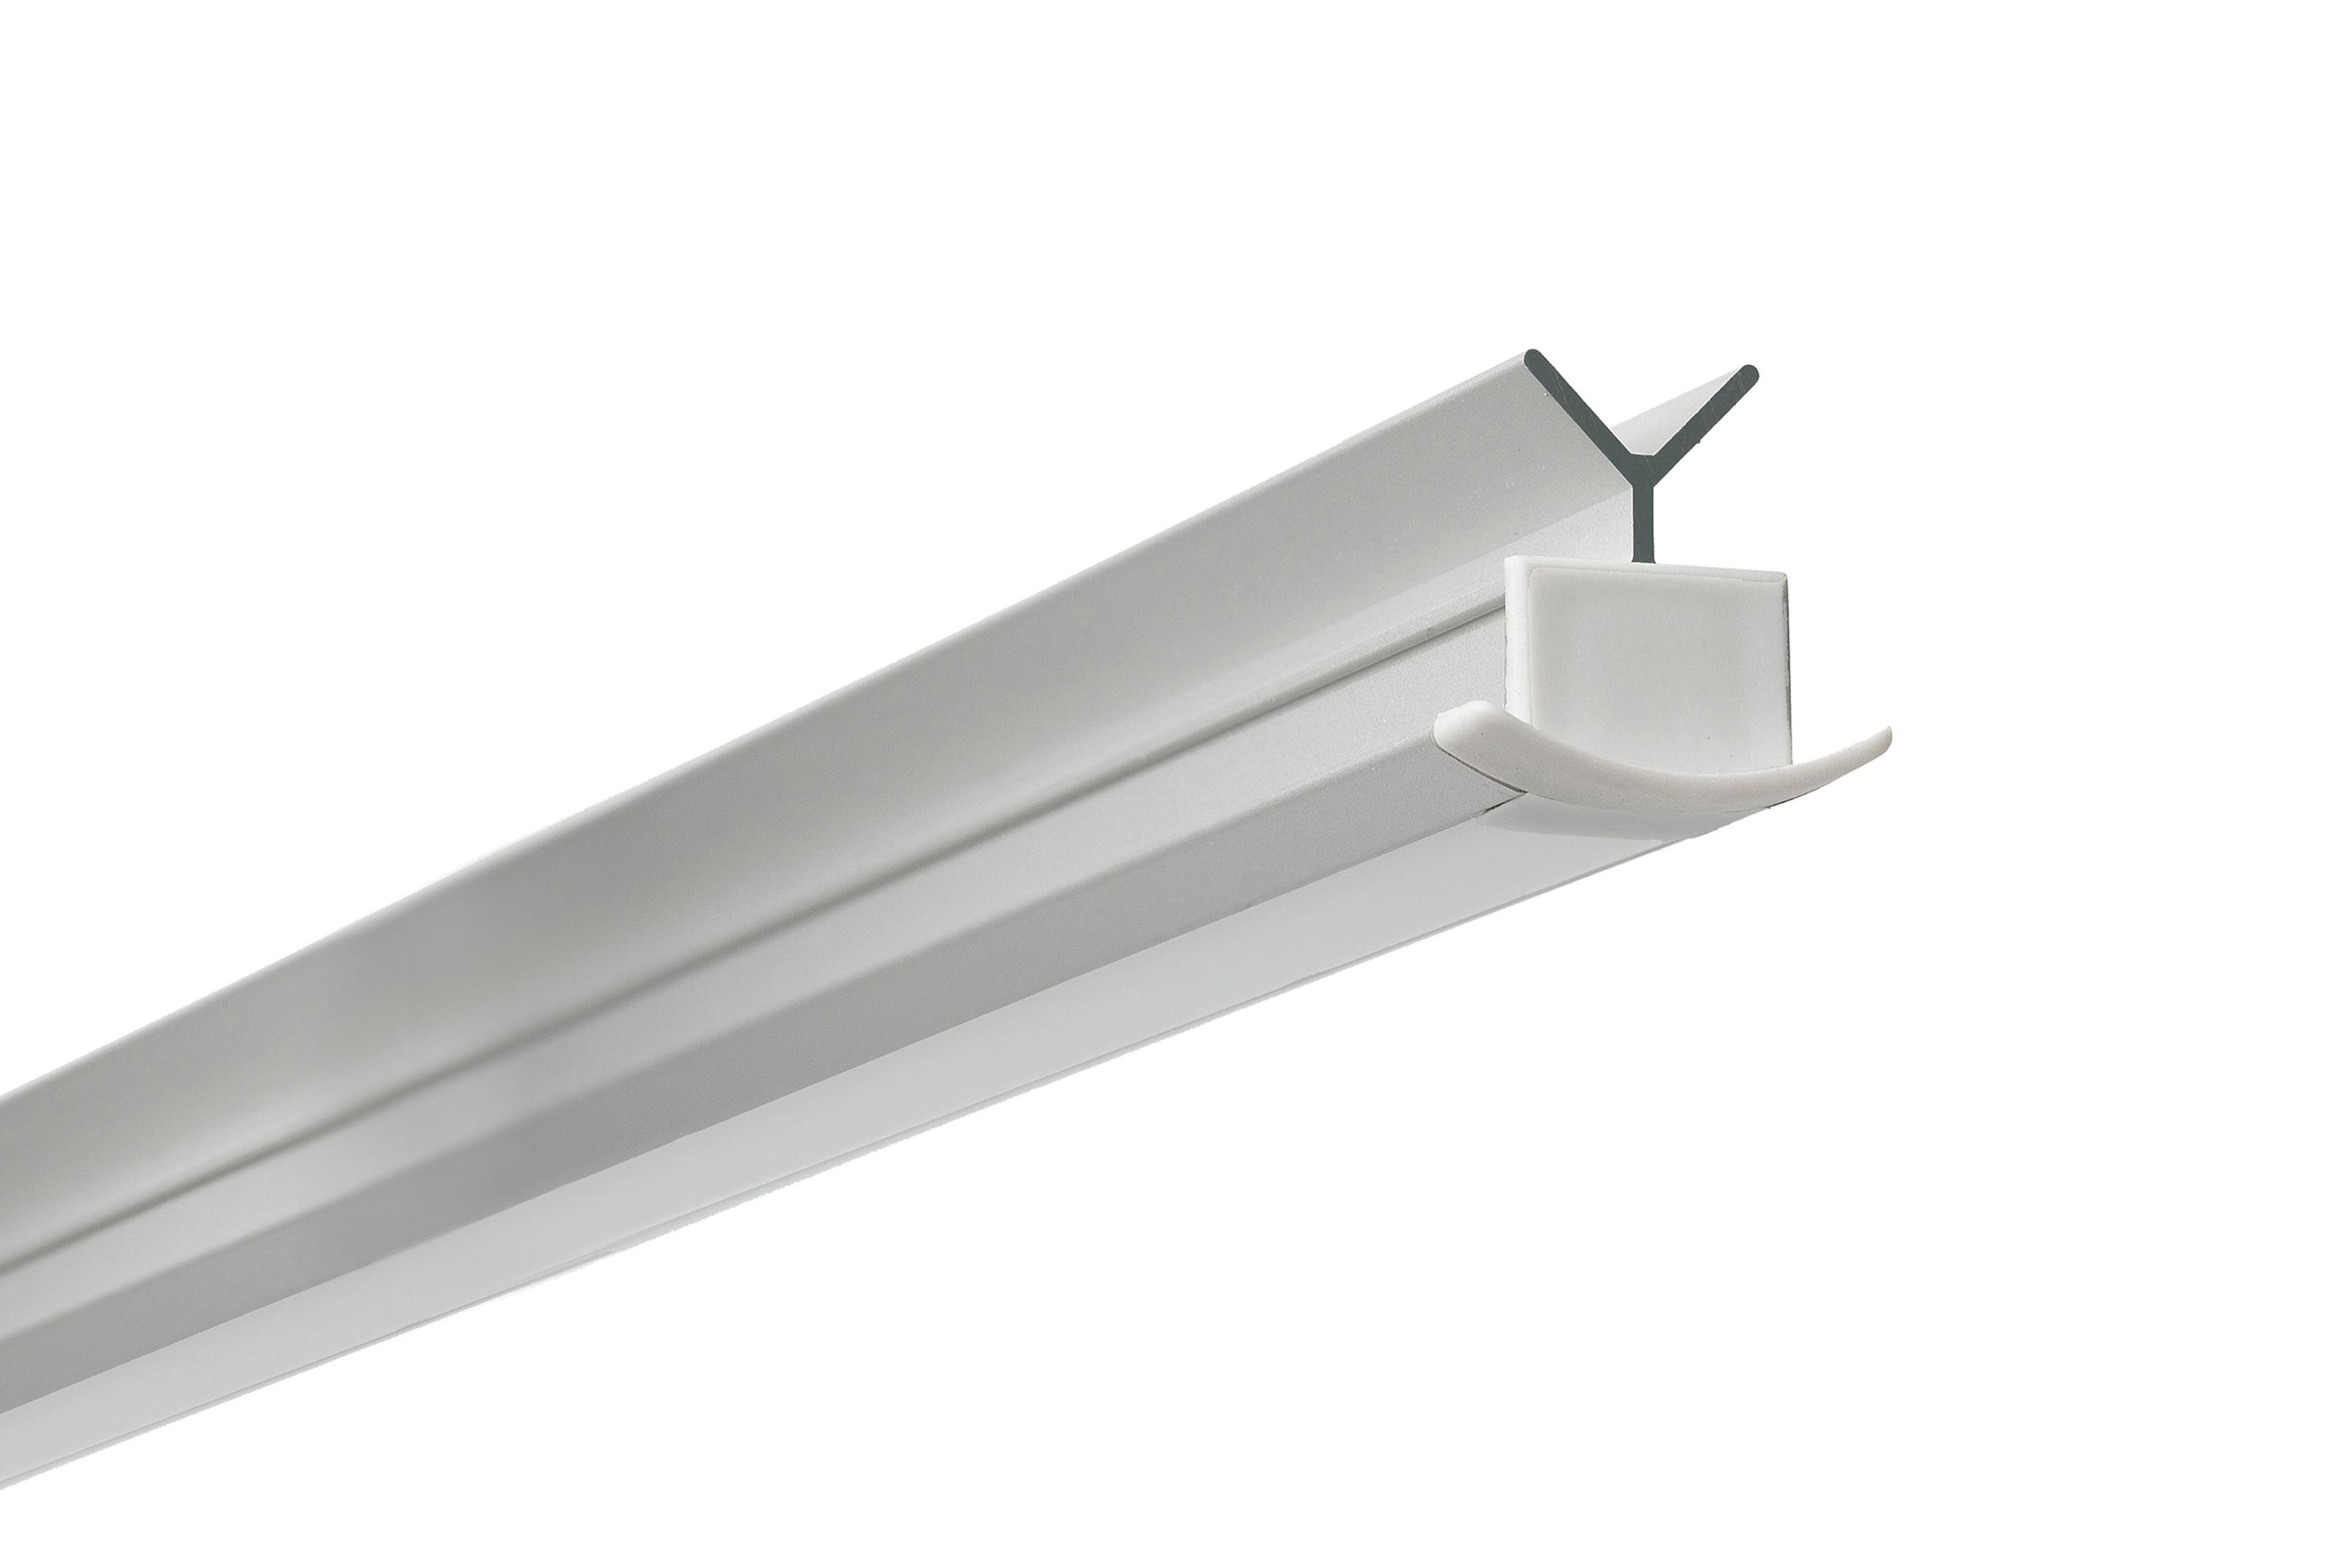 lightline-handrail-1-mj-lighting-v2